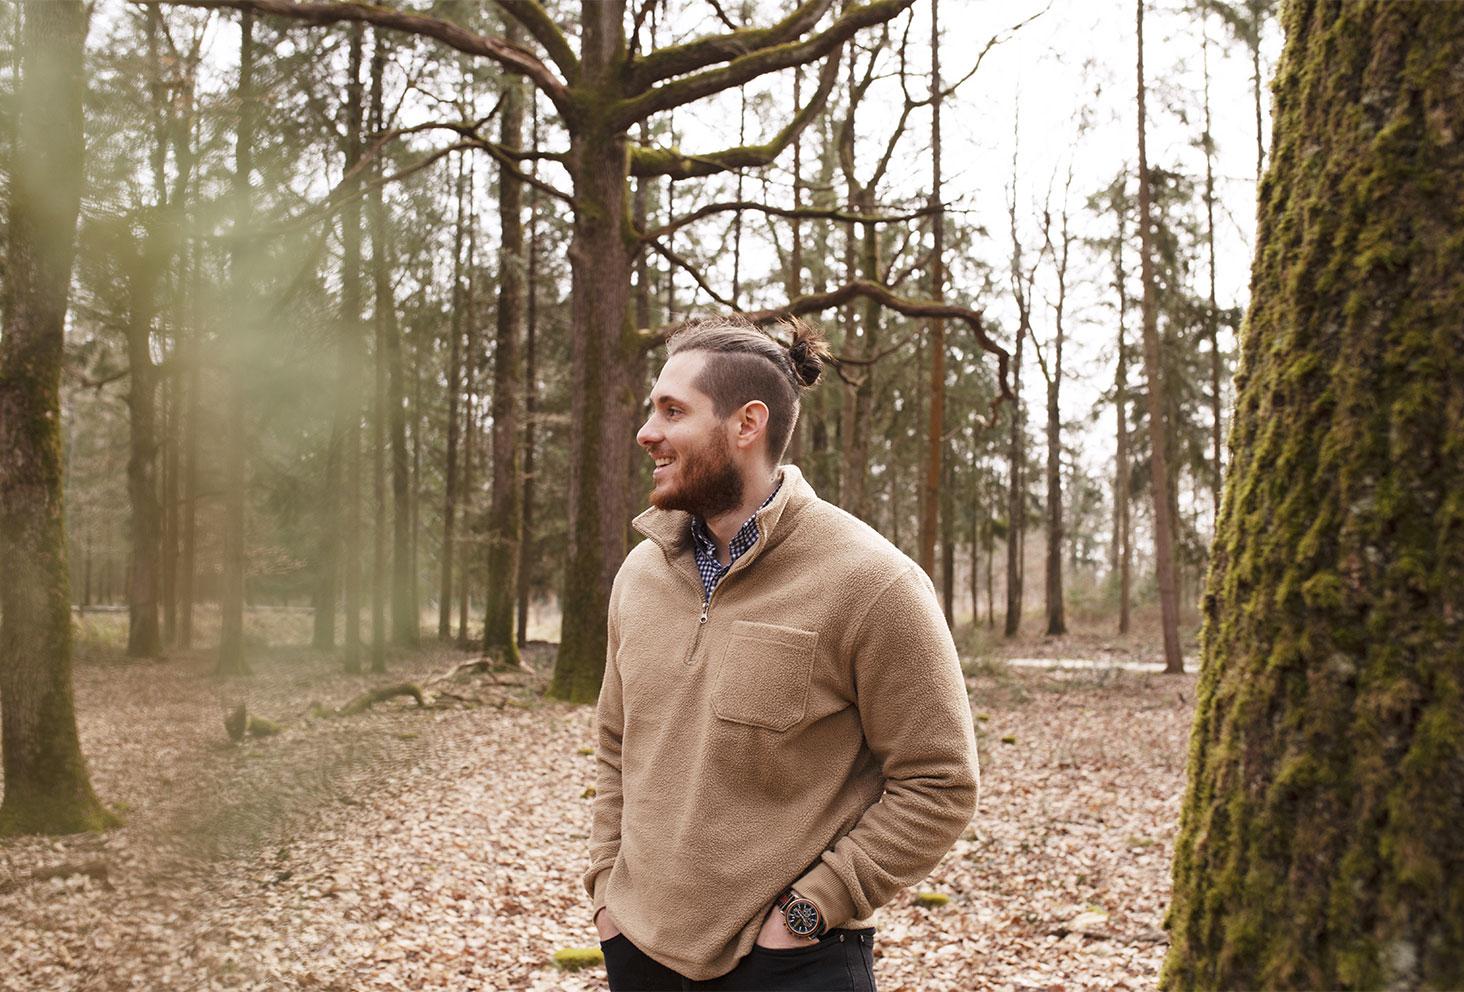 Tristan dans la forêt en pull camionneur beige, avec le sourire et les mains dans les poches